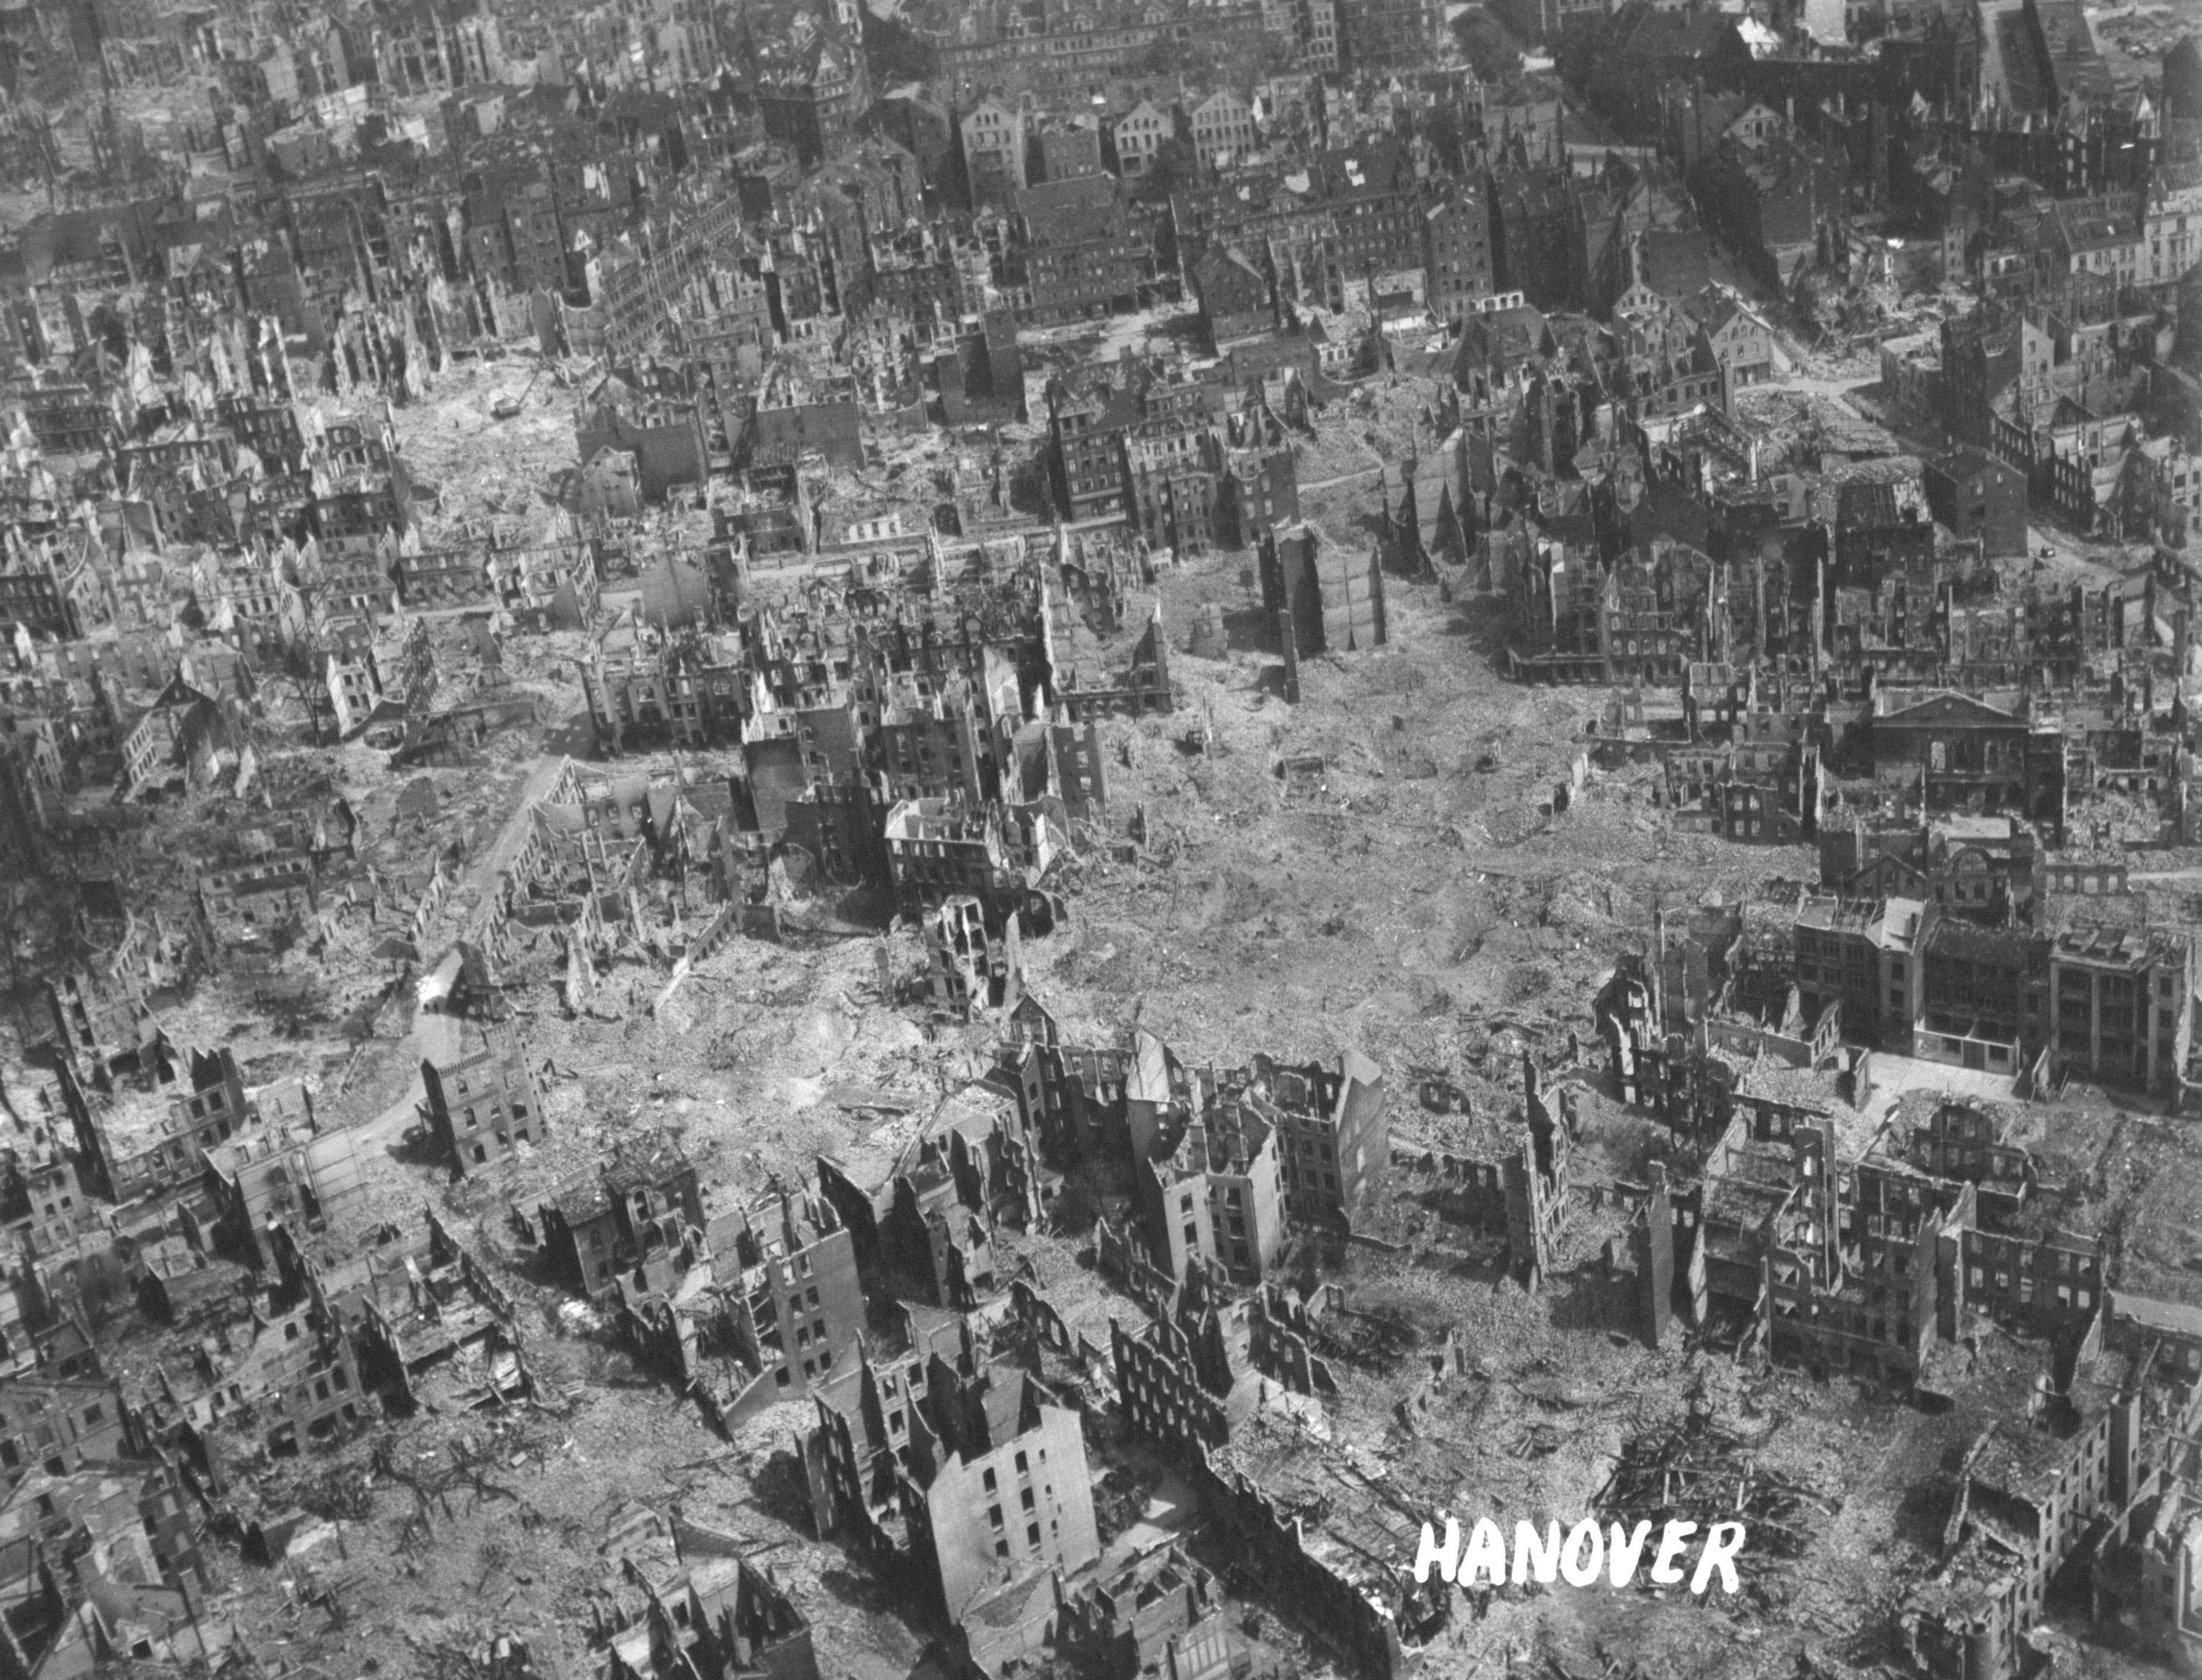 Hannover nach dem Zweiten Weltkrieg: Trümmer und Ruinen im Stadtgebiet nördlich des Hauptbahnhofes (Hamburger Allee, Berliner Allee, Hallerstraße, Friesenstraße und Lister Meile)